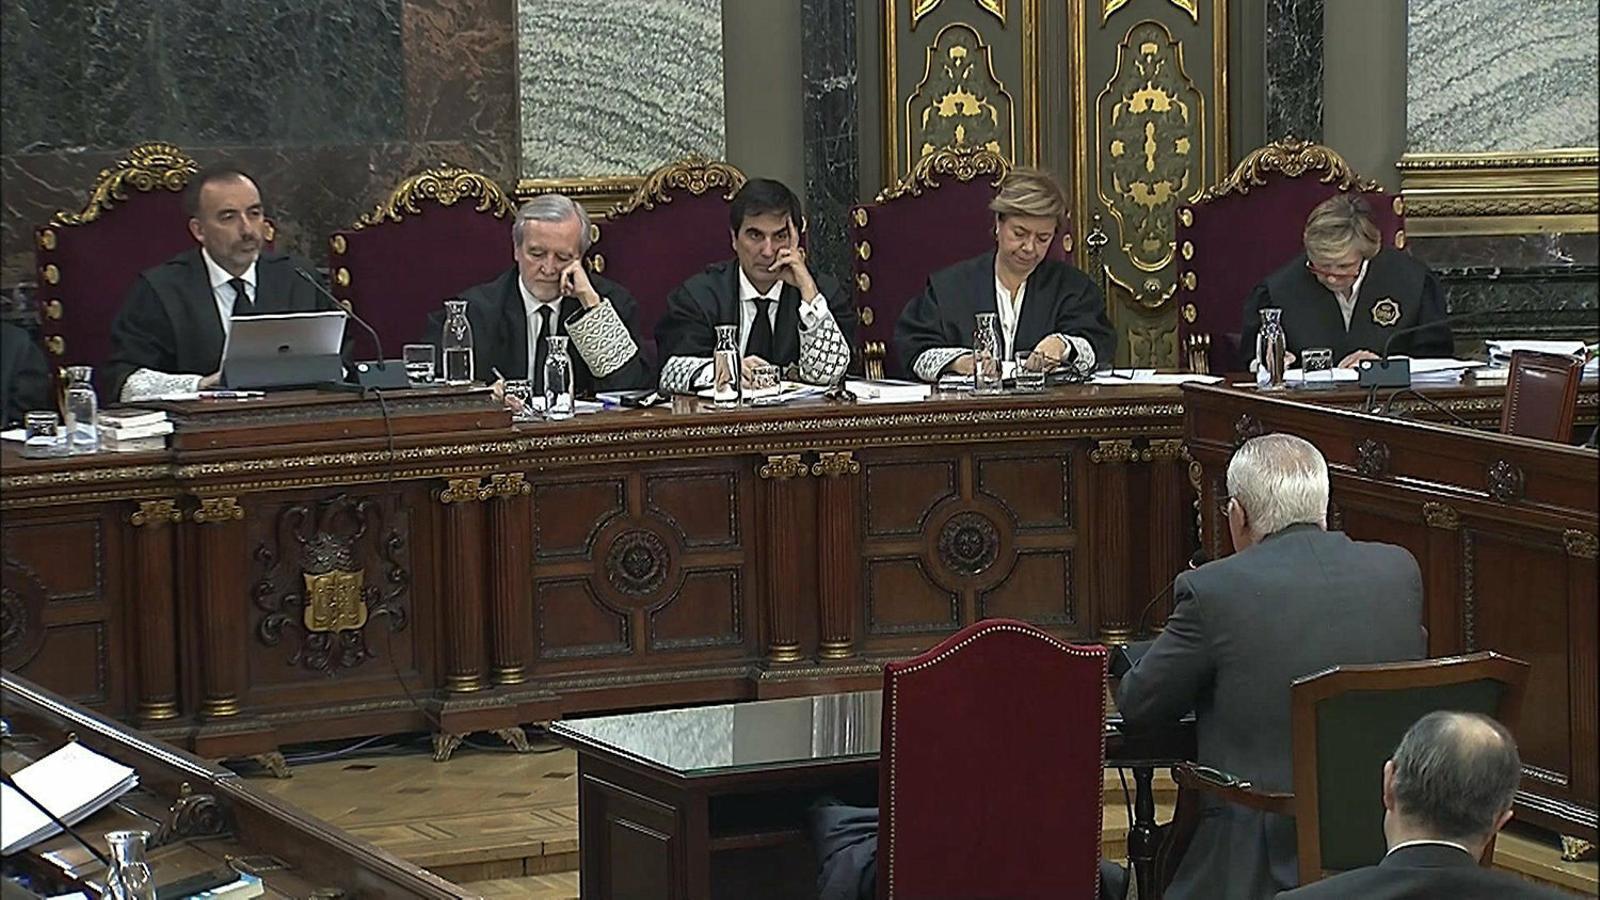 Imatge del tribunal que jutja els líders independentistes durant el testimoni de Trapote.